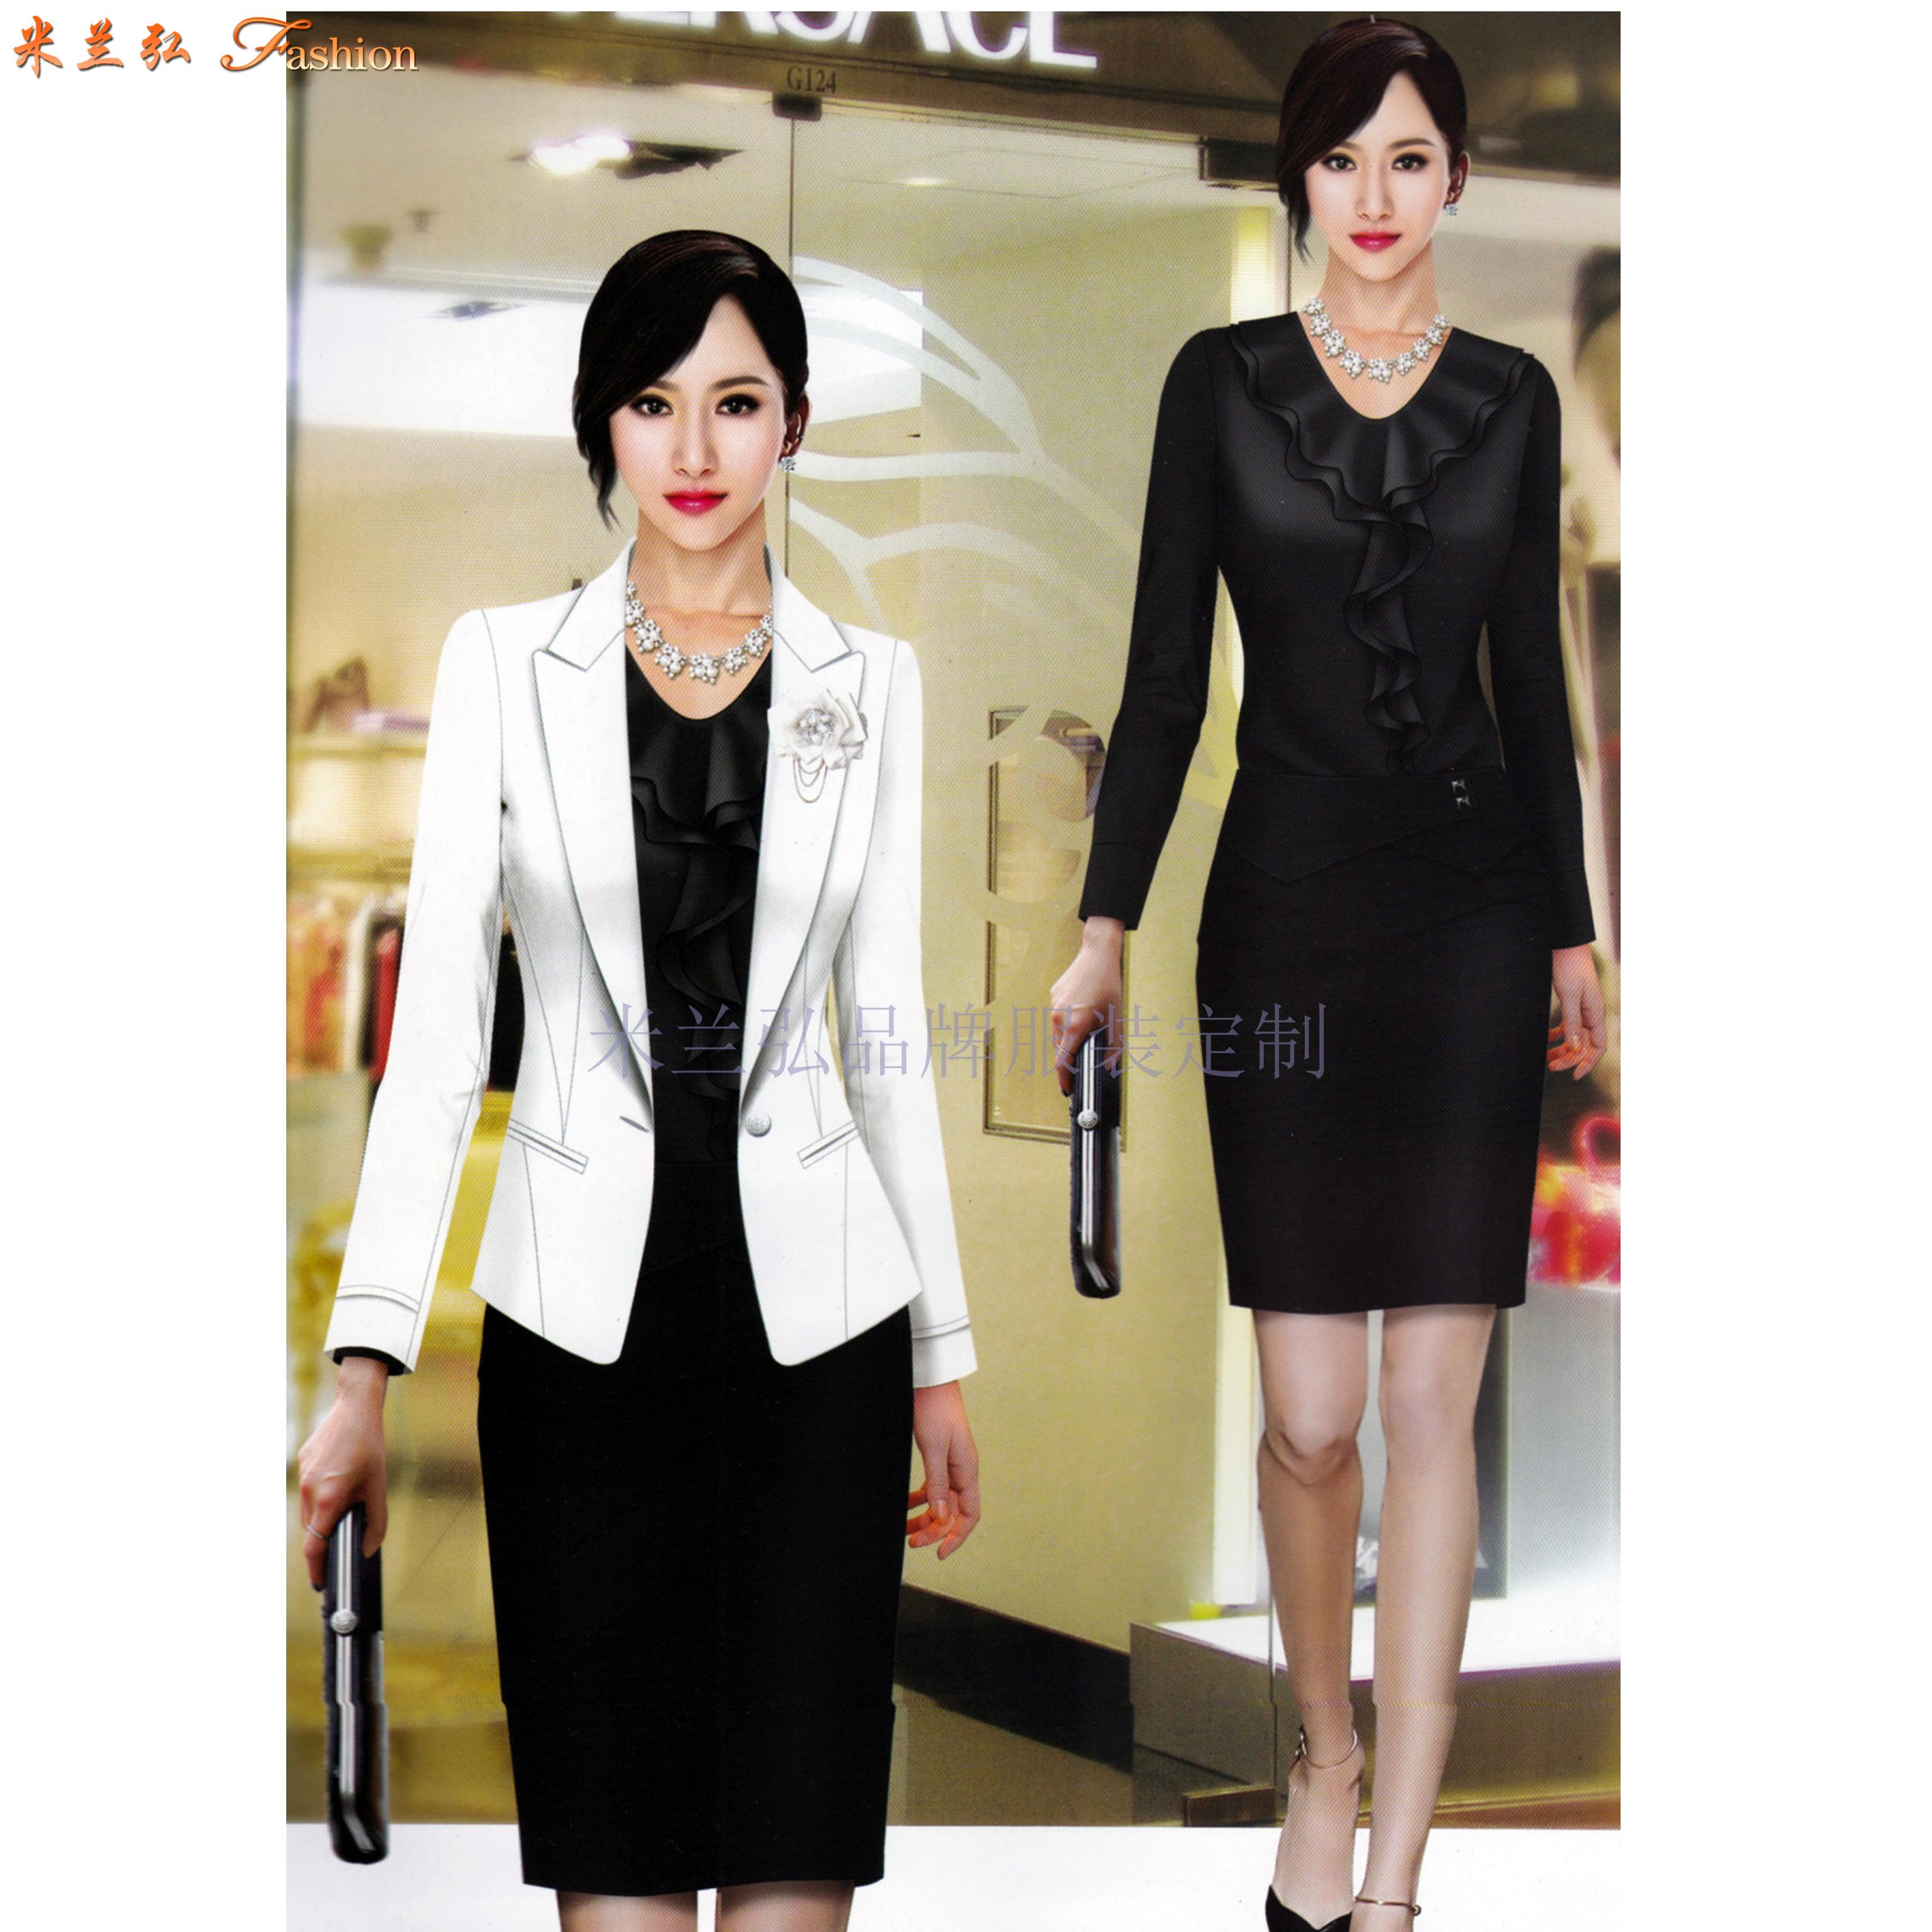 「時尚職業裝」貨真價實、式樣時髦、的服裝廠家-米蘭弘品牌-3